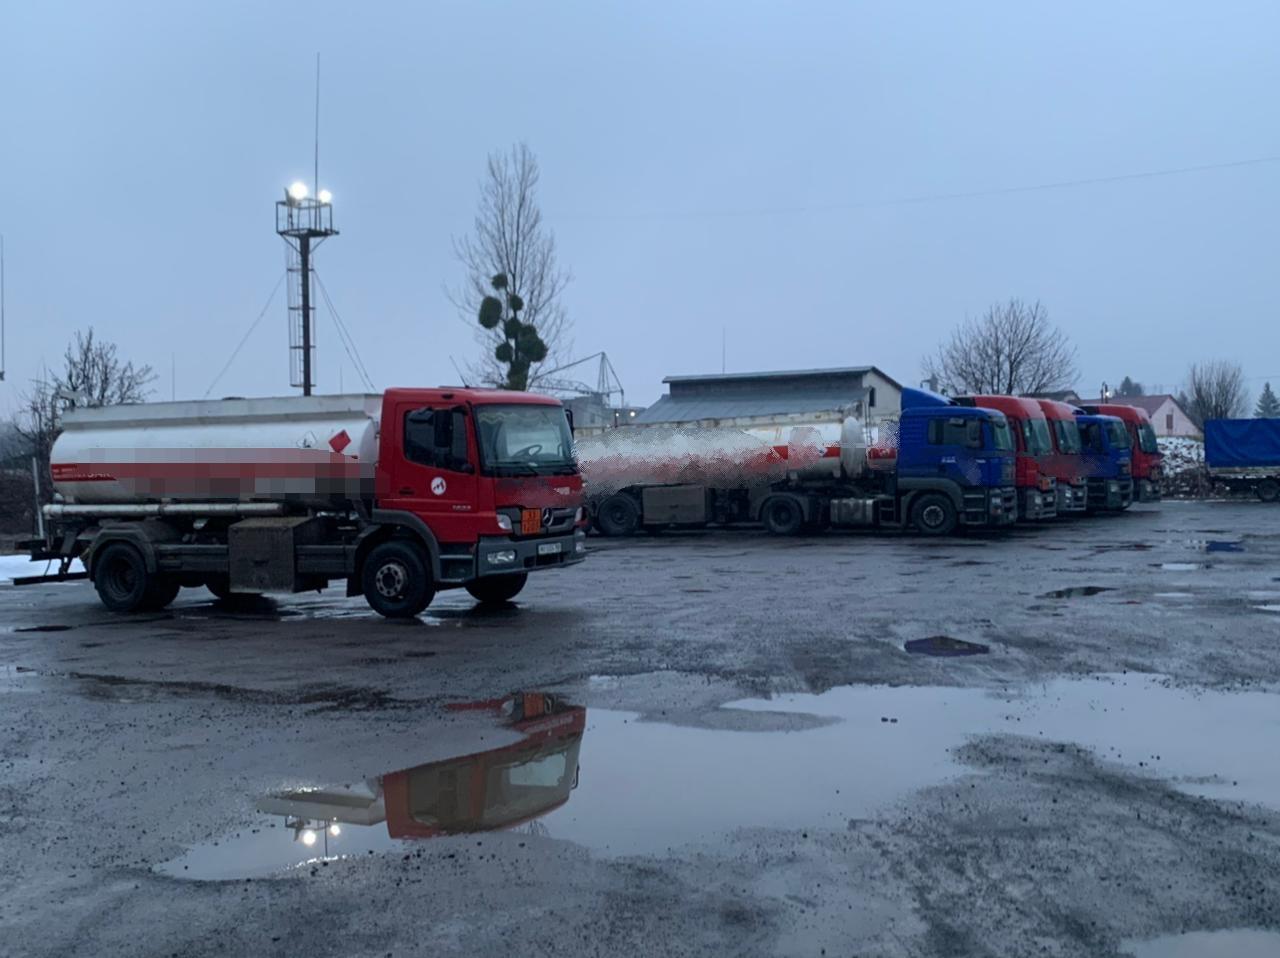 Сотрудники полиции Закарпатья совместно с сотрудниками УБУ под процессуальным руководством прокуратуры разоблачили группу лиц, которые продавали контрафактную продукцию.